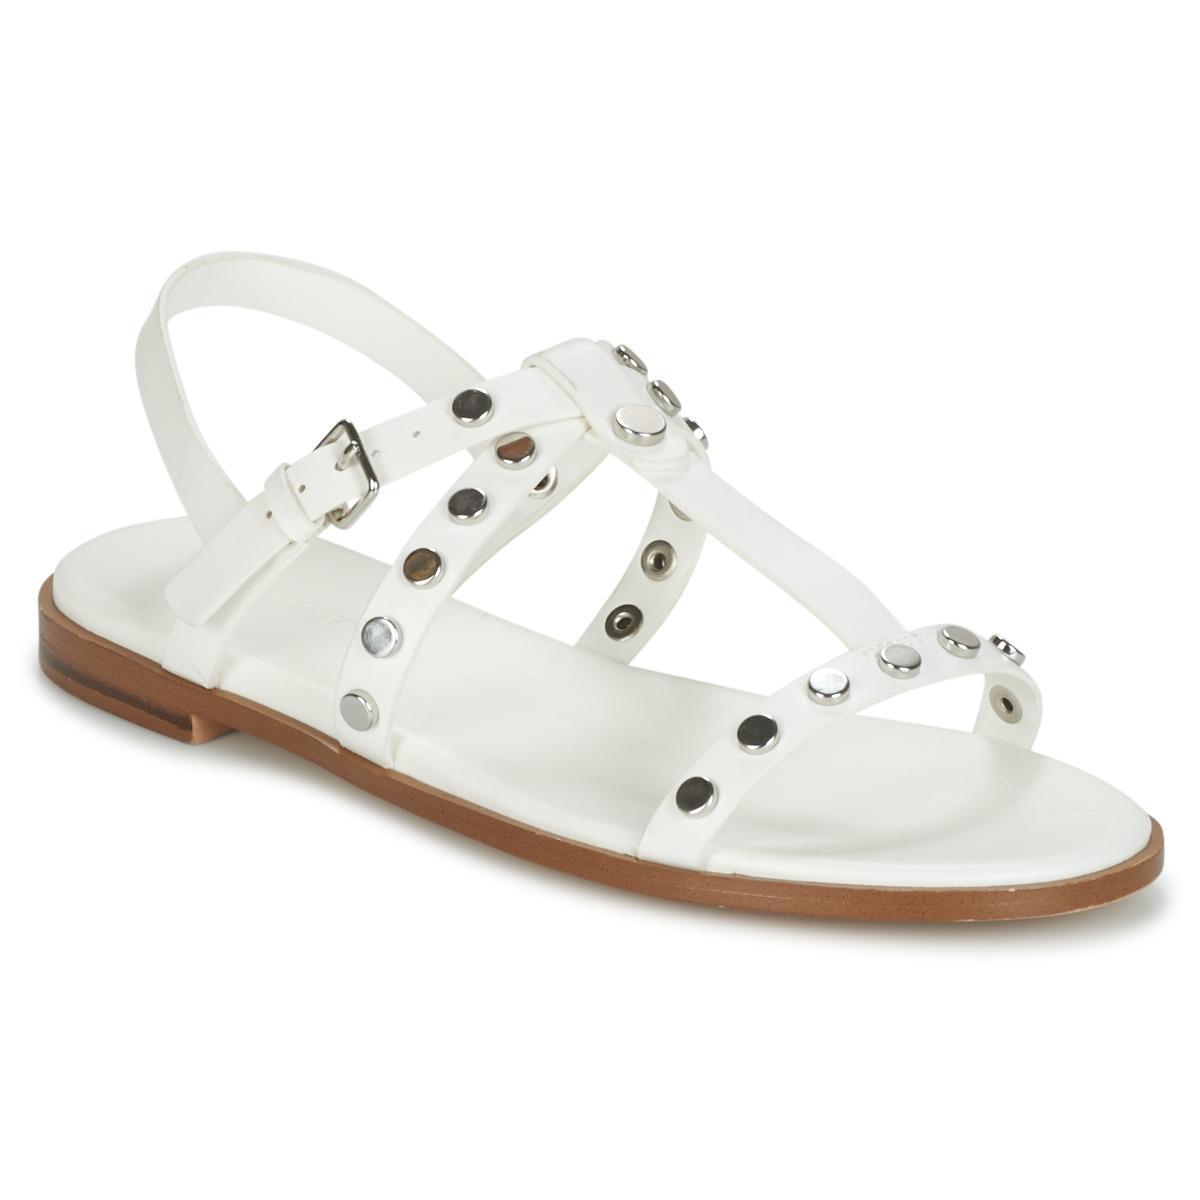 55aabe398 Esprit Arisa Women s Sandals In White in White - Lyst